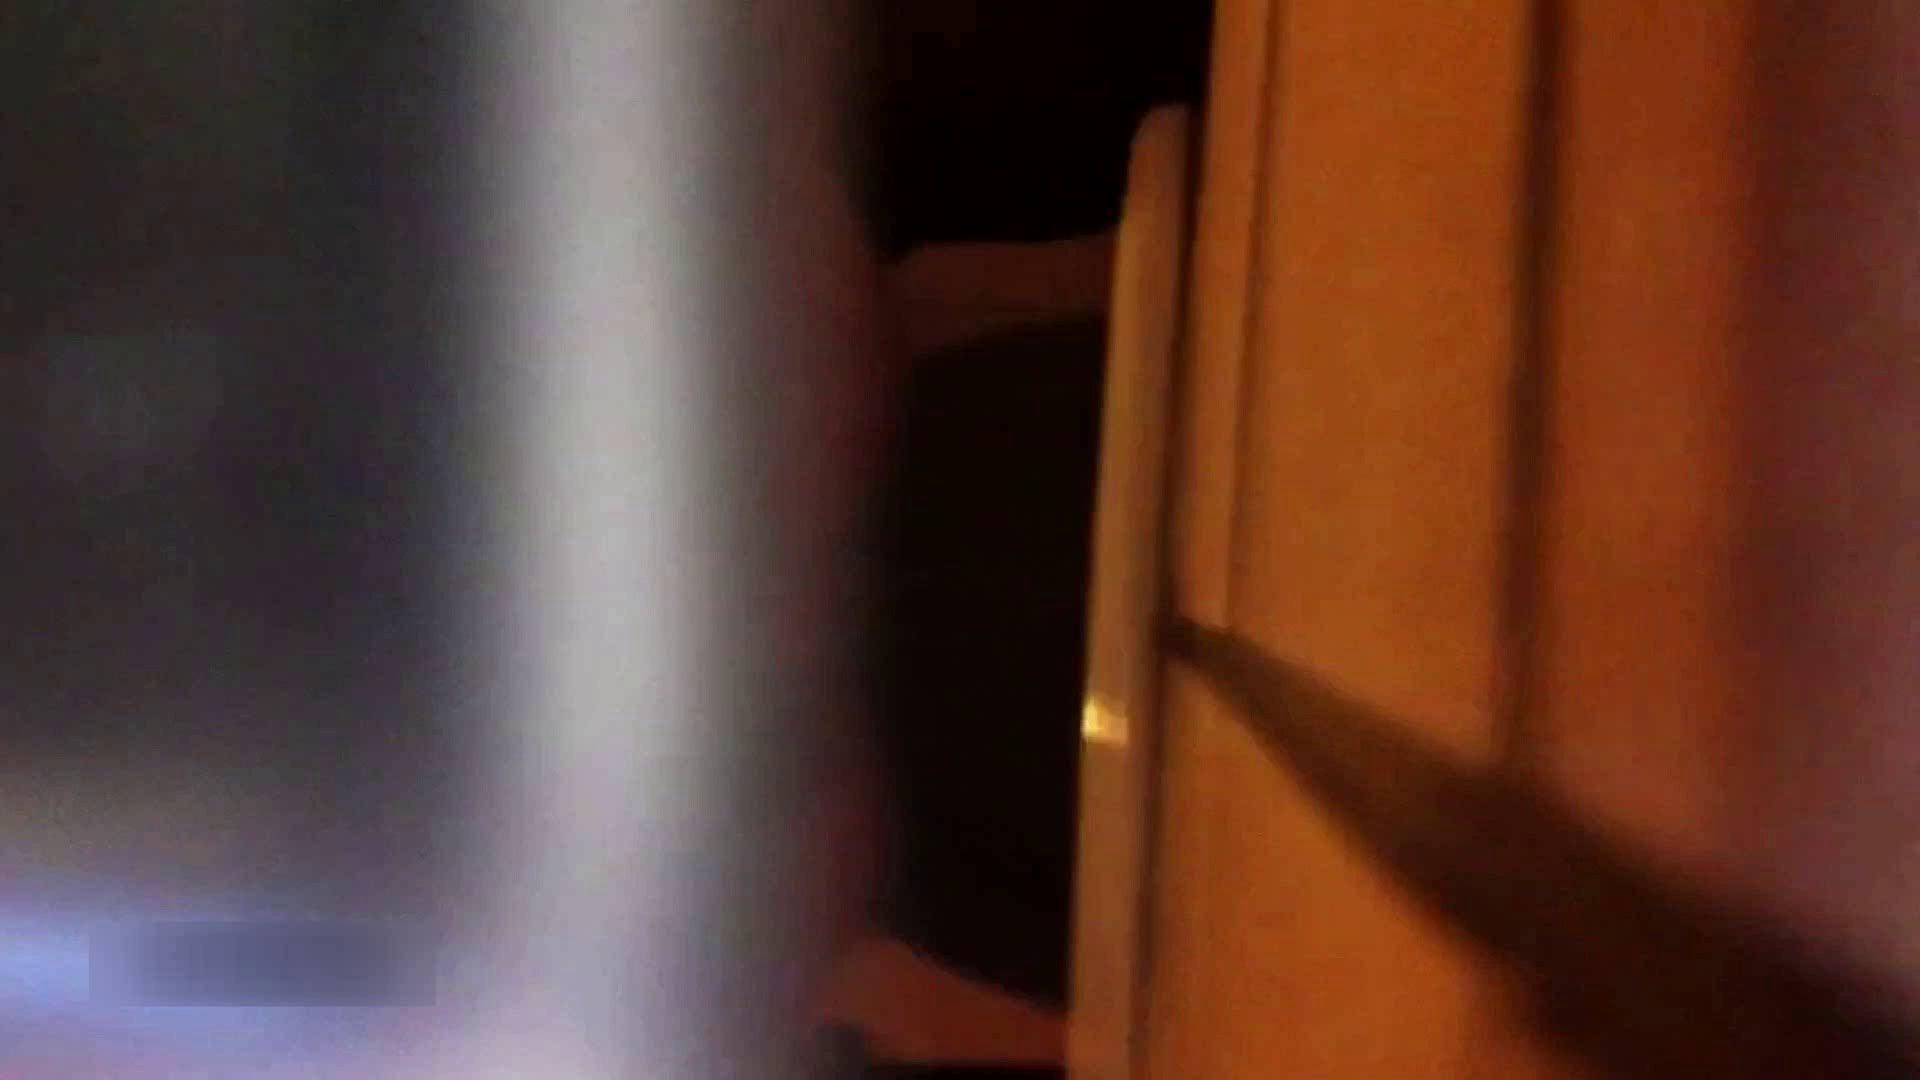 お姉さんの恥便所盗撮! Vol.24 OLエロ画像 盗撮おまんこ無修正動画無料 97PICs 2